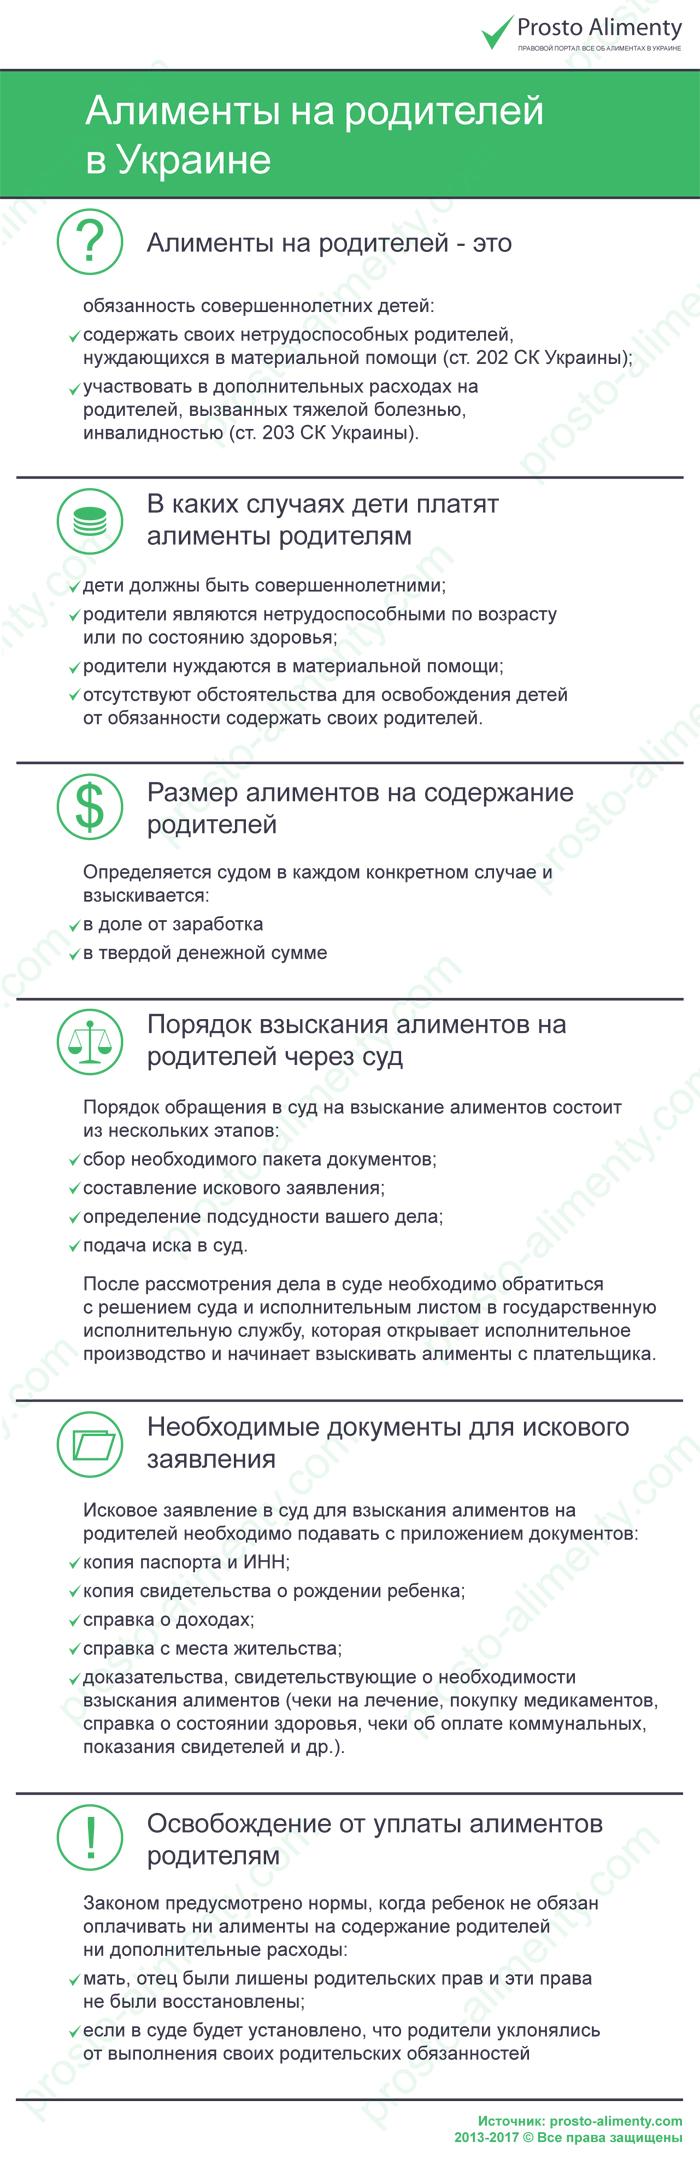 алименты на родителей в Украине